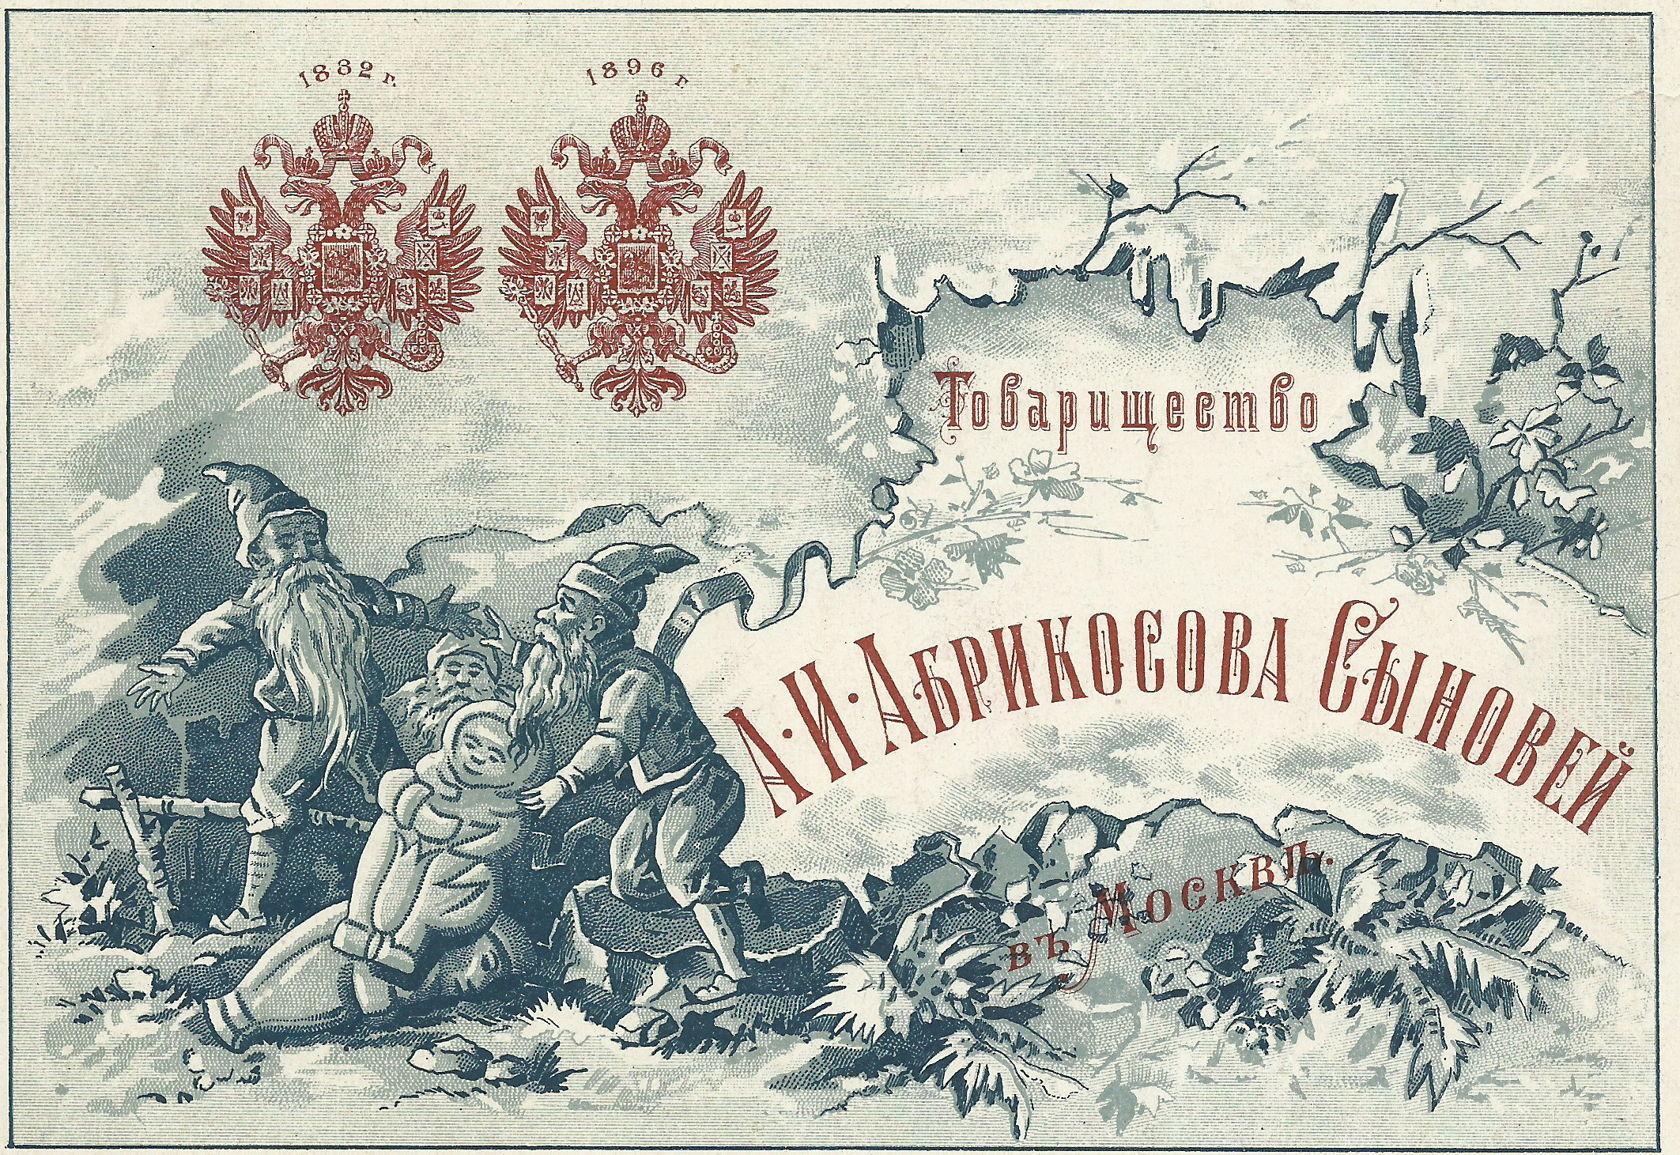 Companhia A.I. Abrikosov & Filhos